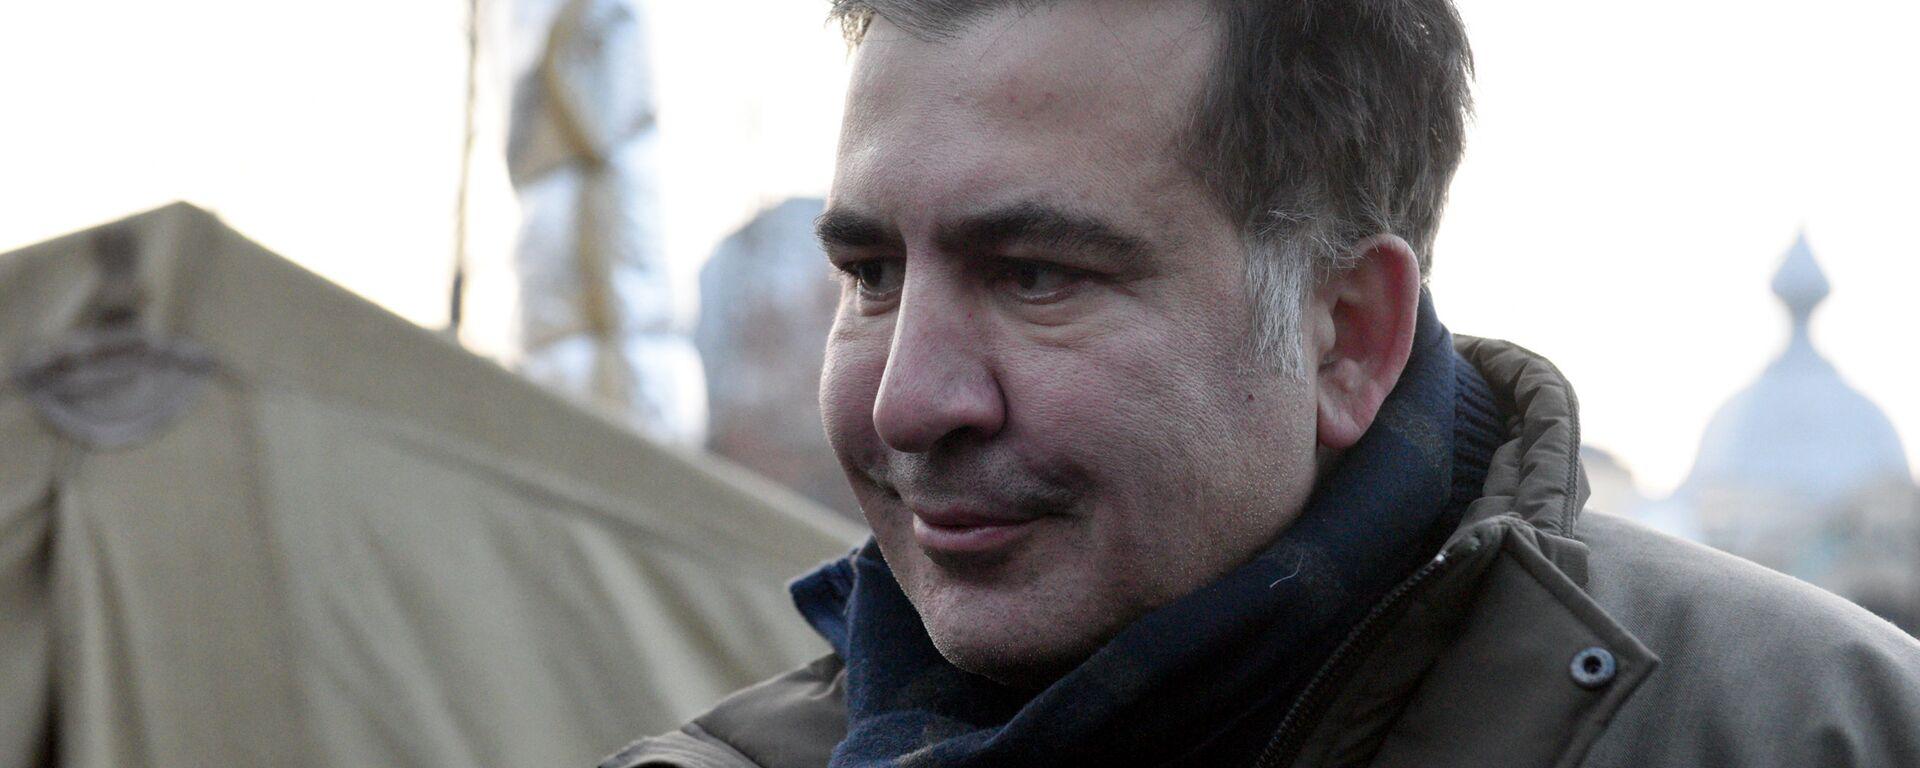 Бывший губернатор Одесской области Михаил Саакашвили. 6 декабря 2017 - Sputnik Latvija, 1920, 07.08.2020